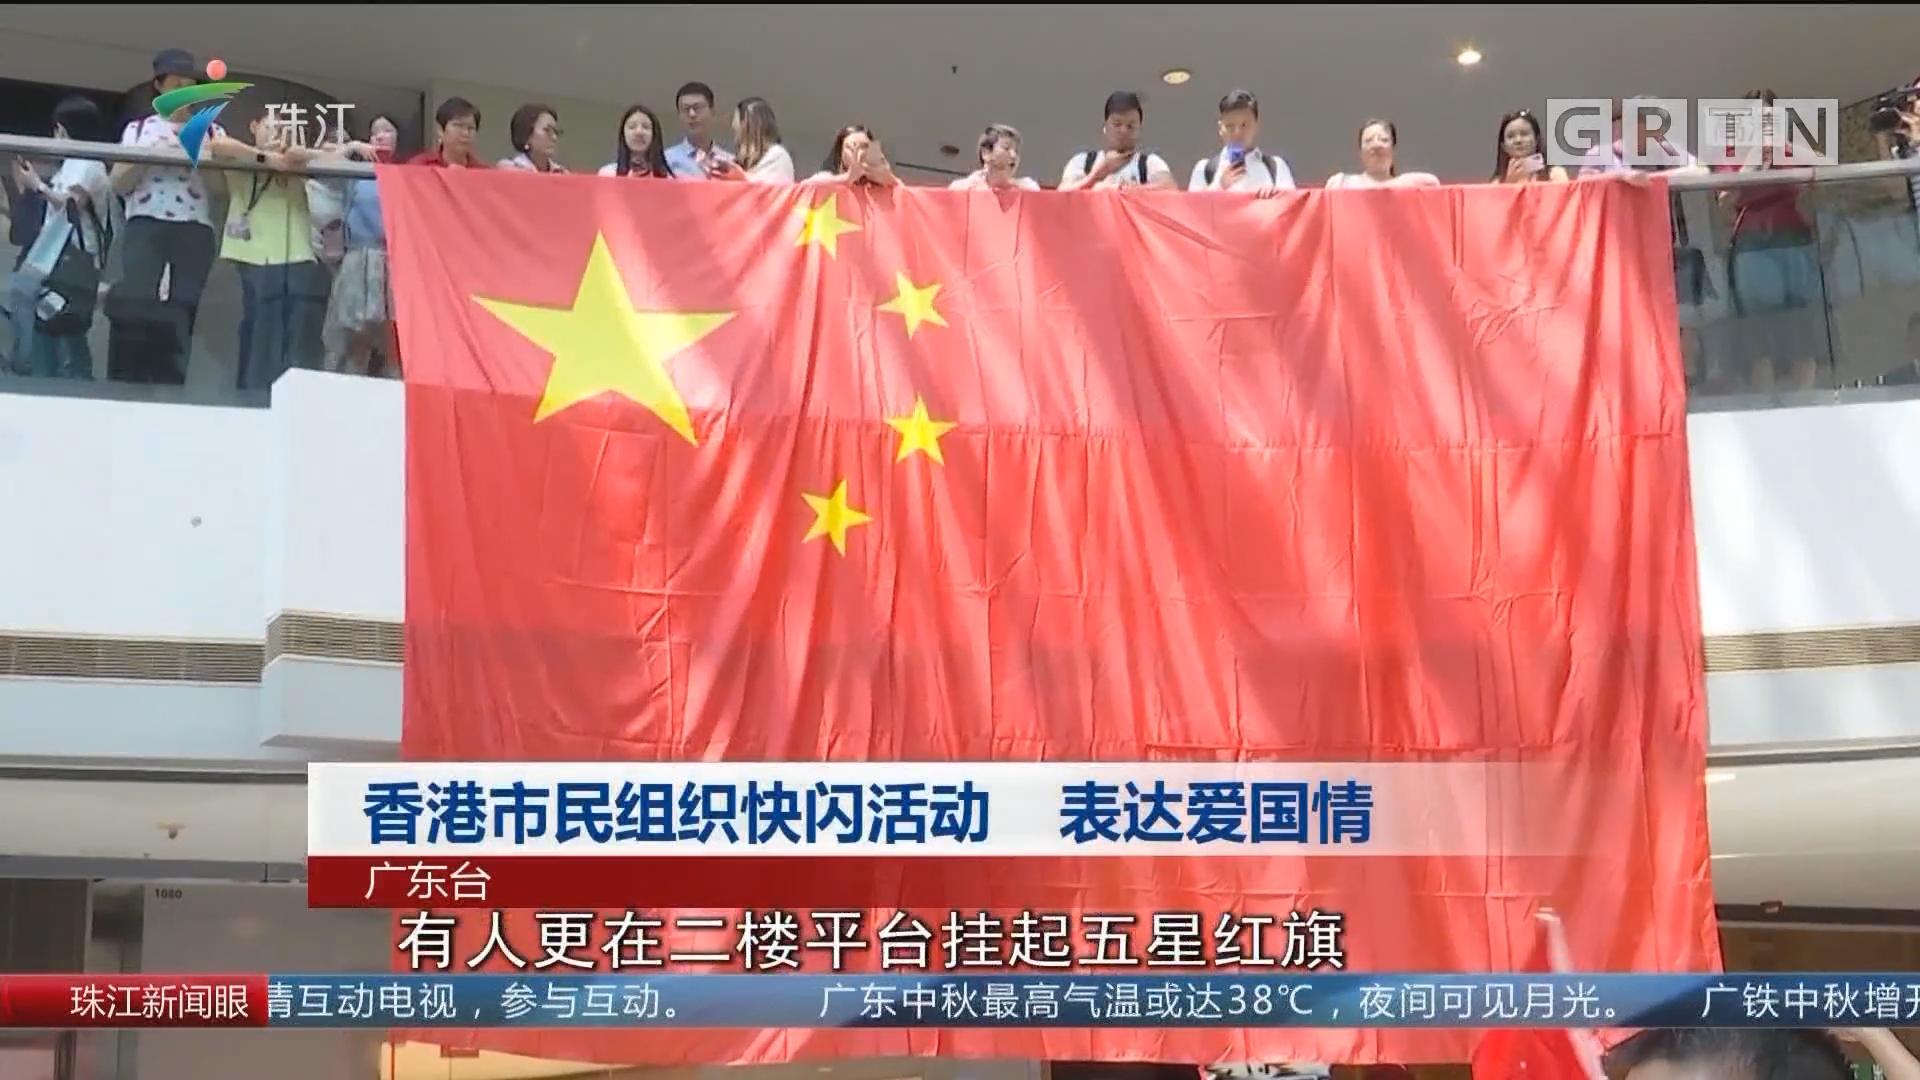 香港市民组织快闪活动 表达爱国情